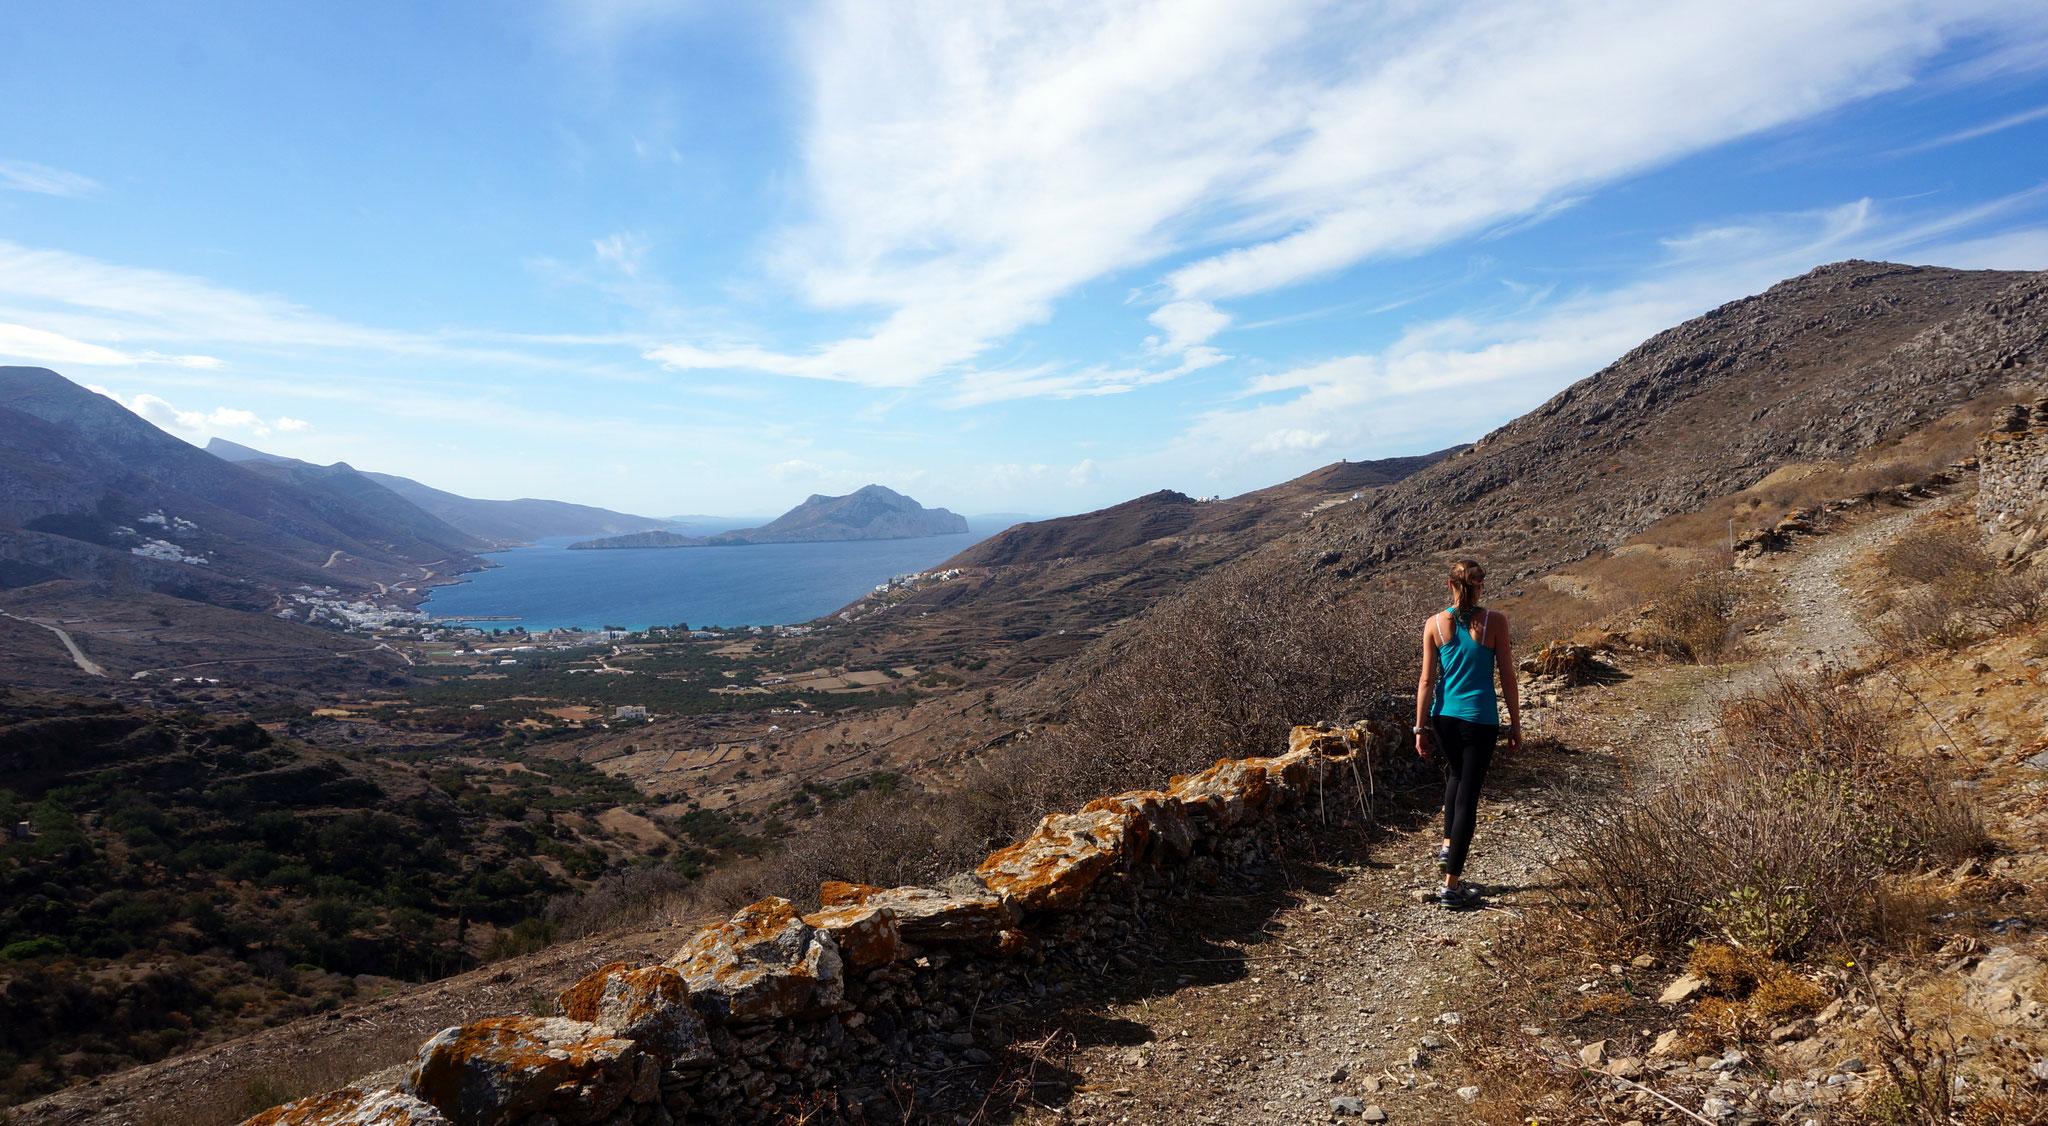 Balade au nord d'Amorgos